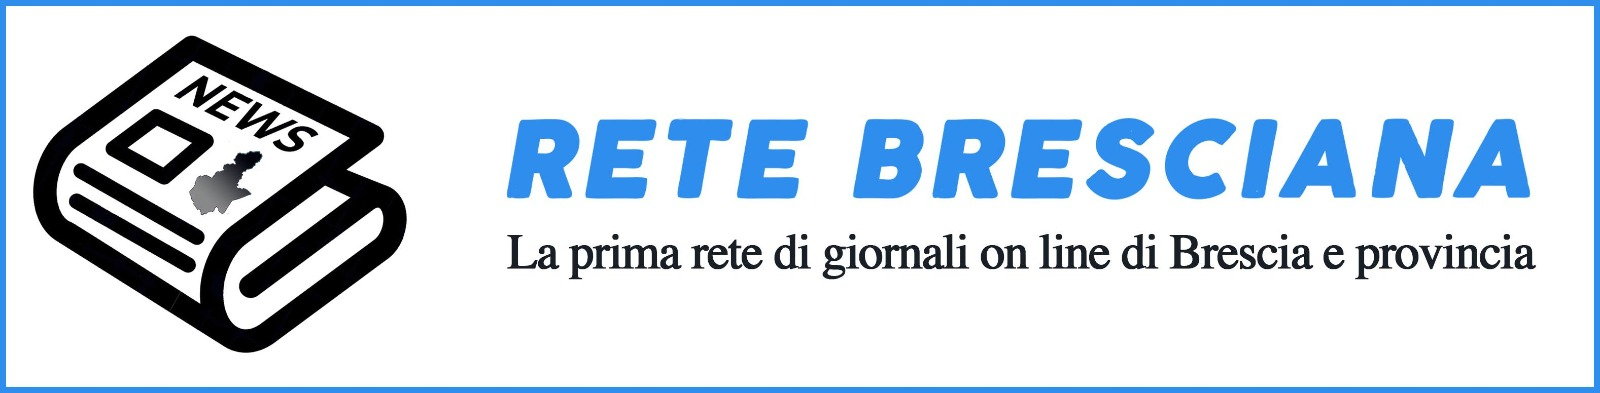 Rete Bresciana